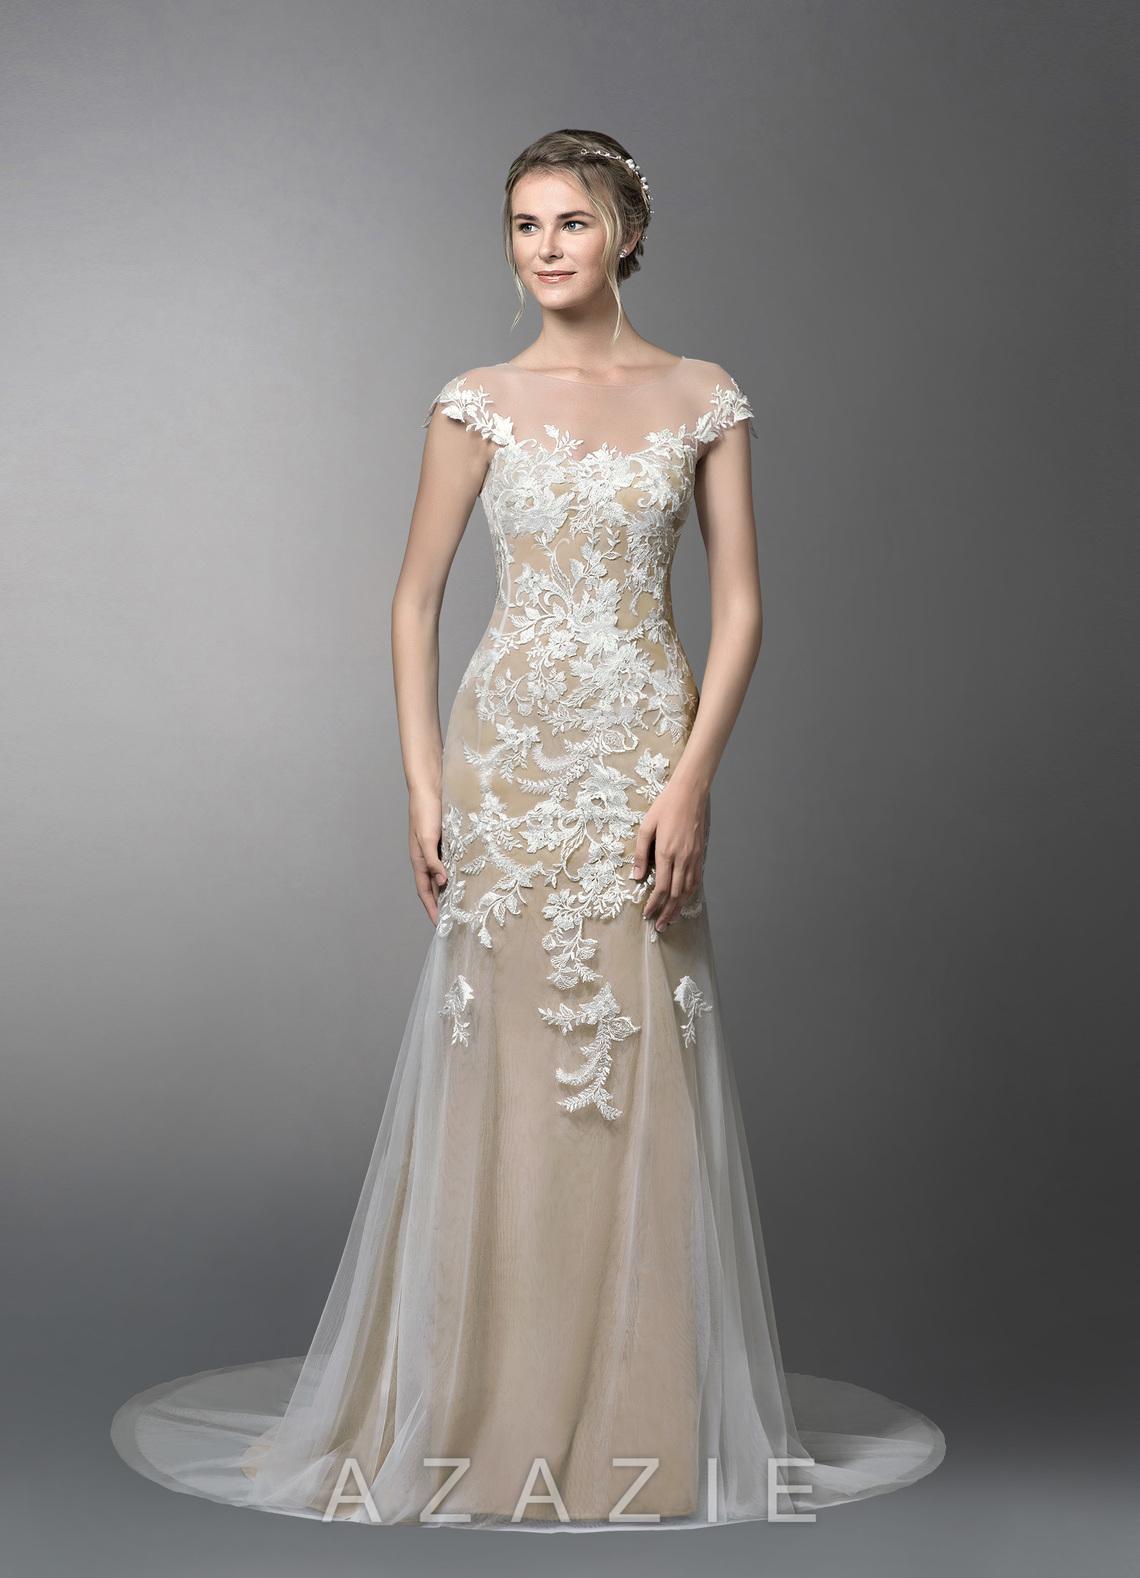 f0a22af05c1c Azazie Eudora BG Wedding Dress | Azazie